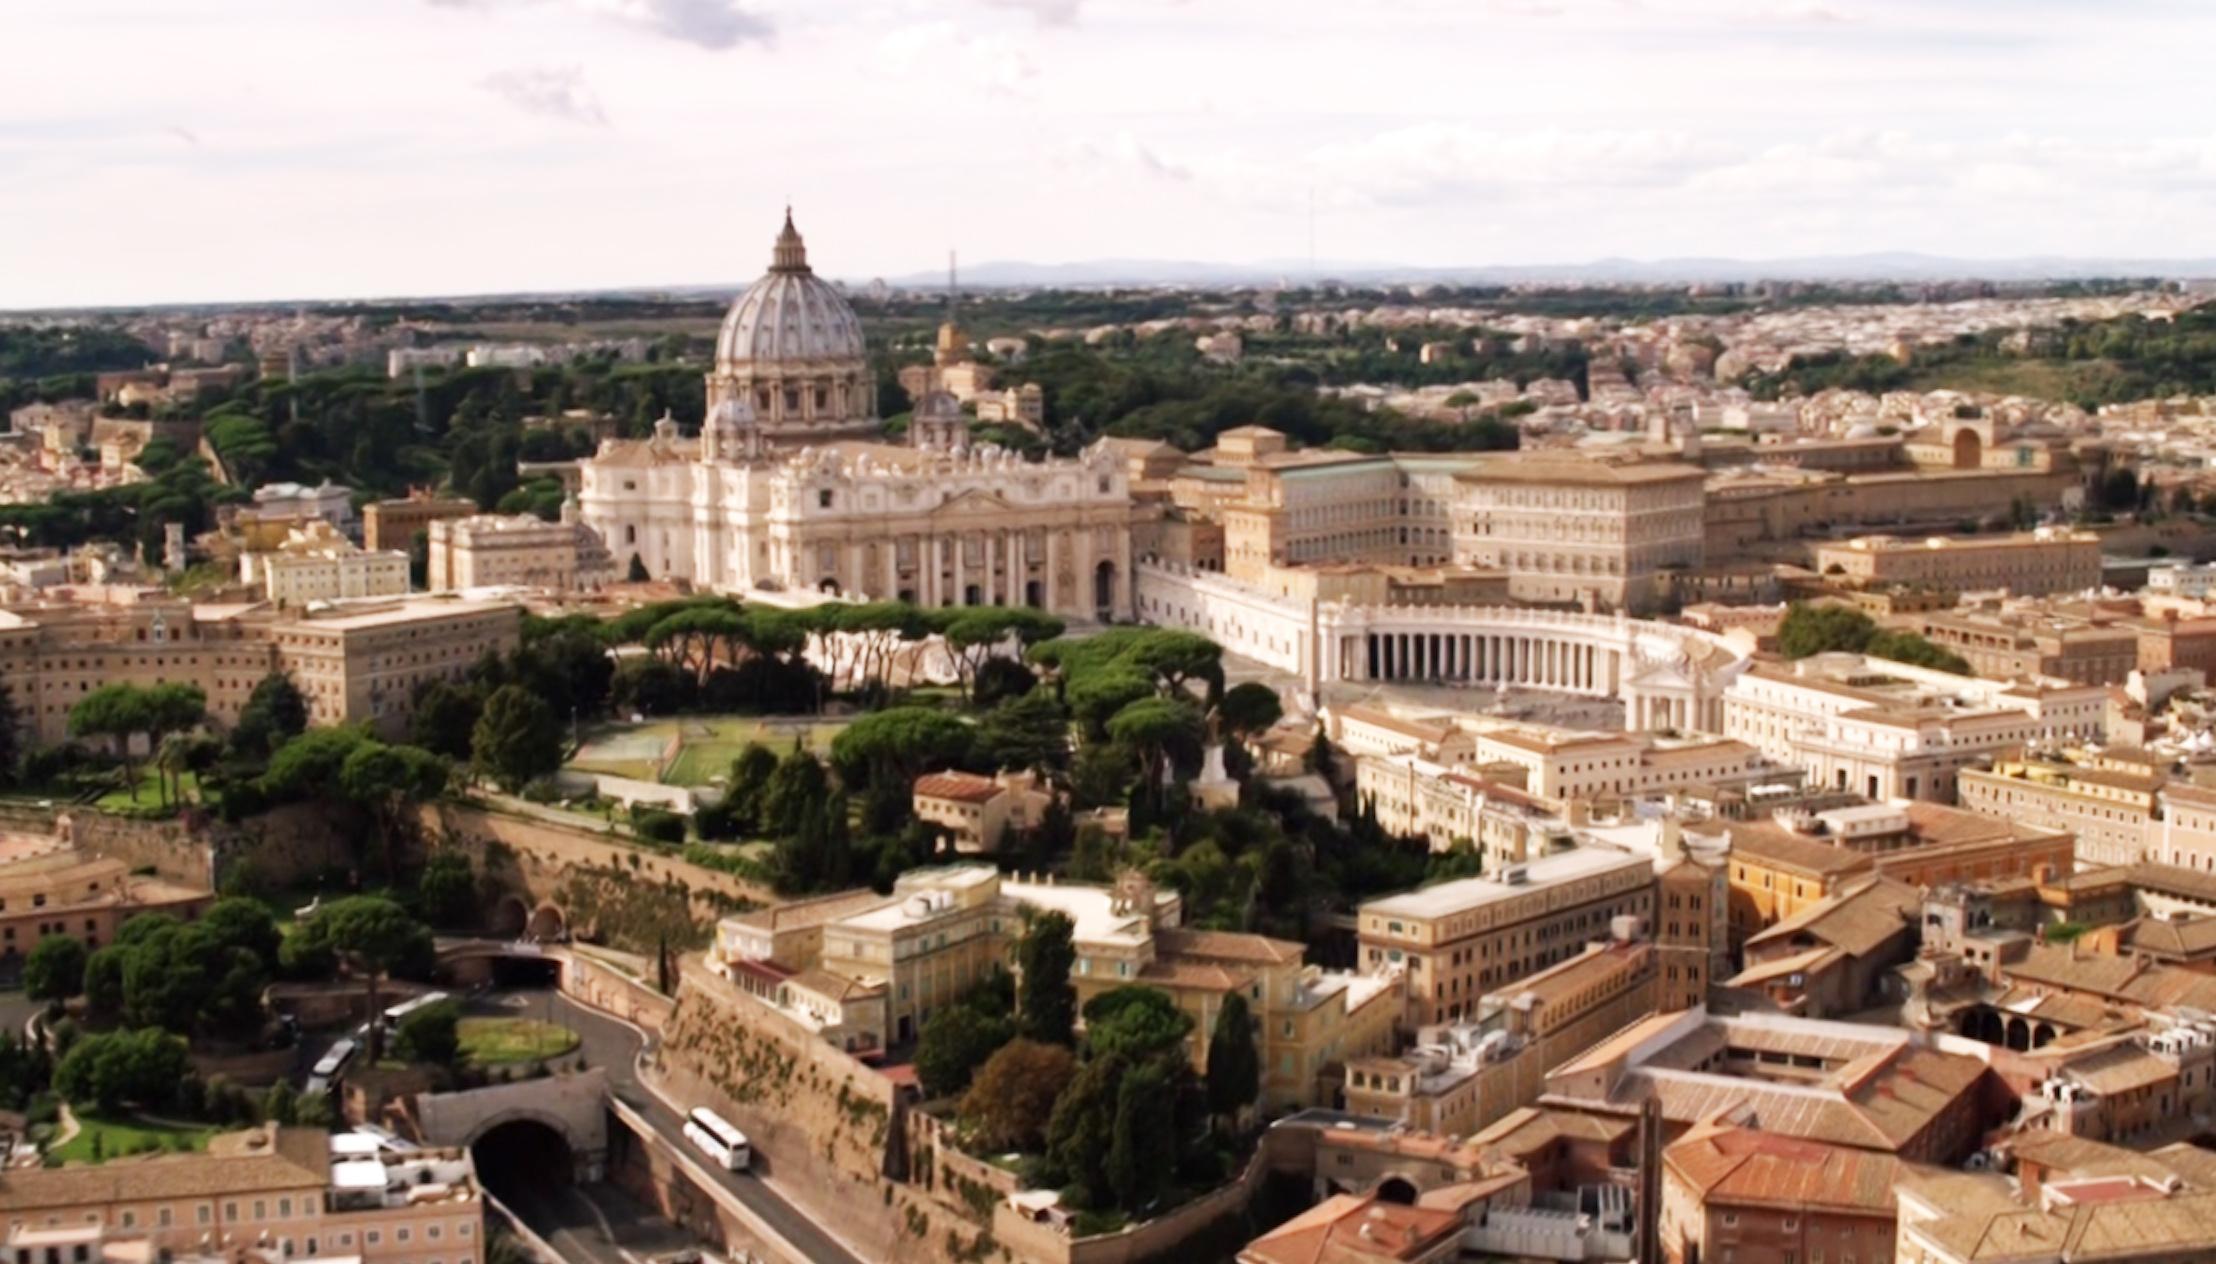 Vue de la Cité du Vatican, dans The Young Pope (le bus est arrêté en pleine côte)